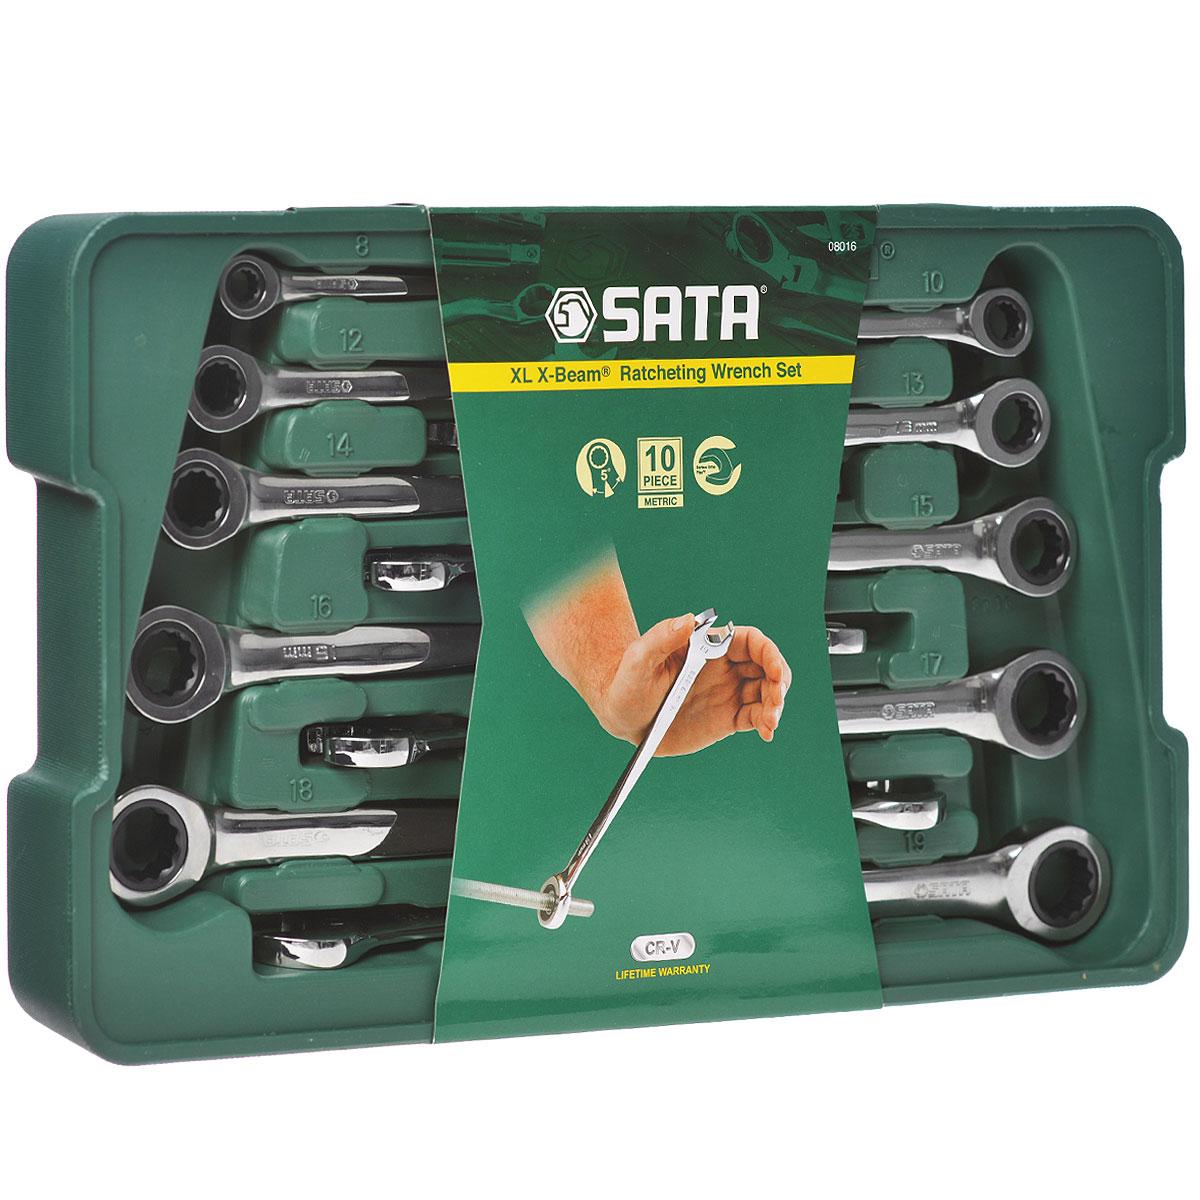 Набор ключей SATA 10пр. 0801698298130Набор ключей Sata - это необходимый предмет в каждом доме. Ключи метрические комбинированные, Х-образные (повернутые 90 градусов, скрученные). Набор включает в себя 10 предметов, и упакован в удобный пластиковый кейс. Такой набор будет идеальным подарком мужчине. В набор входят ключи размером: 8 мм, 10 мм, 12 мм, 13 мм, 14 мм, 15 мм, 16 мм, 17 мм, 18 мм, 19 мм.